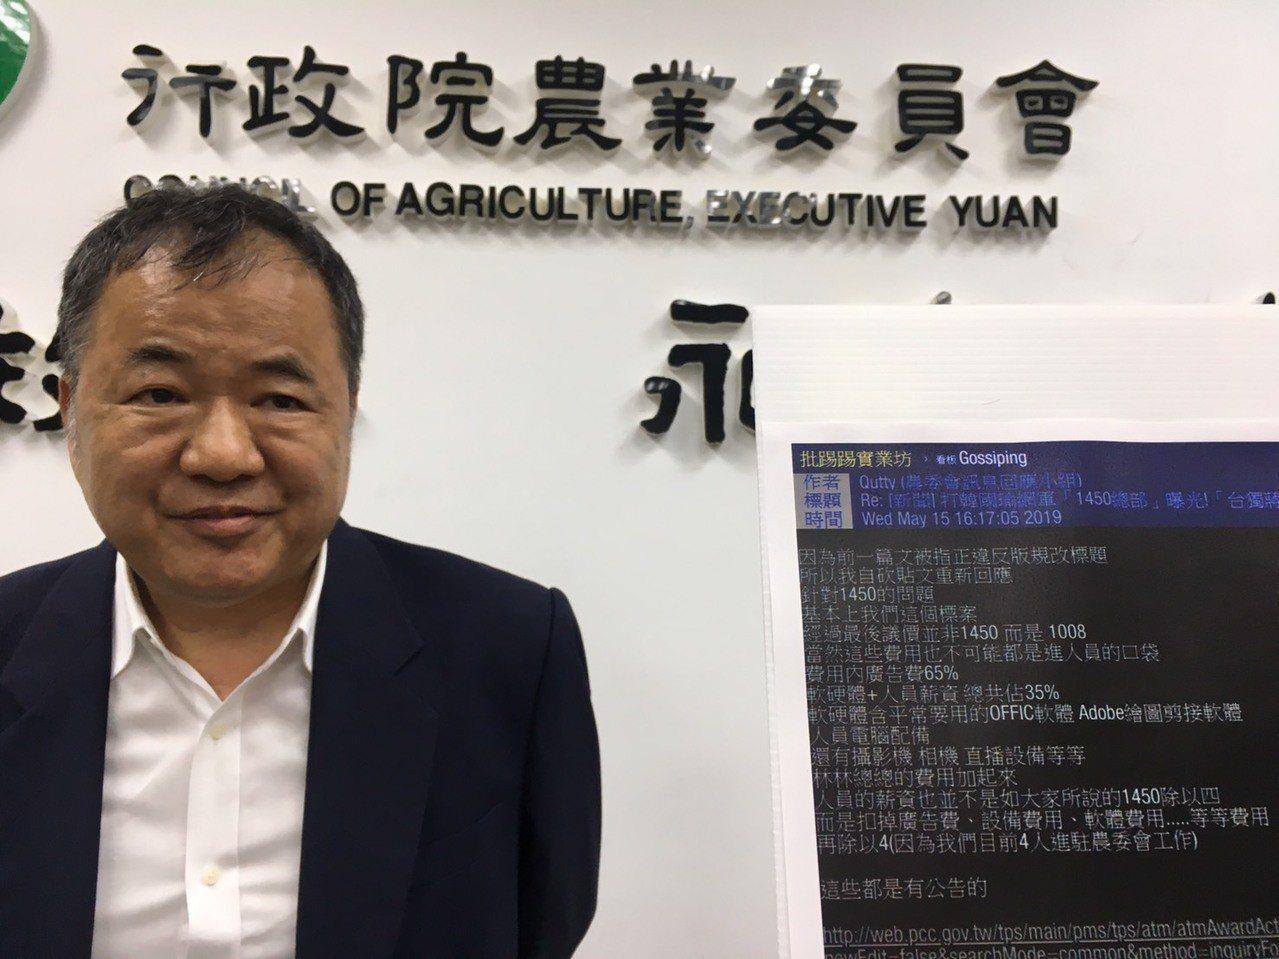 農委會主秘張致盛。記者吳姿賢/攝影